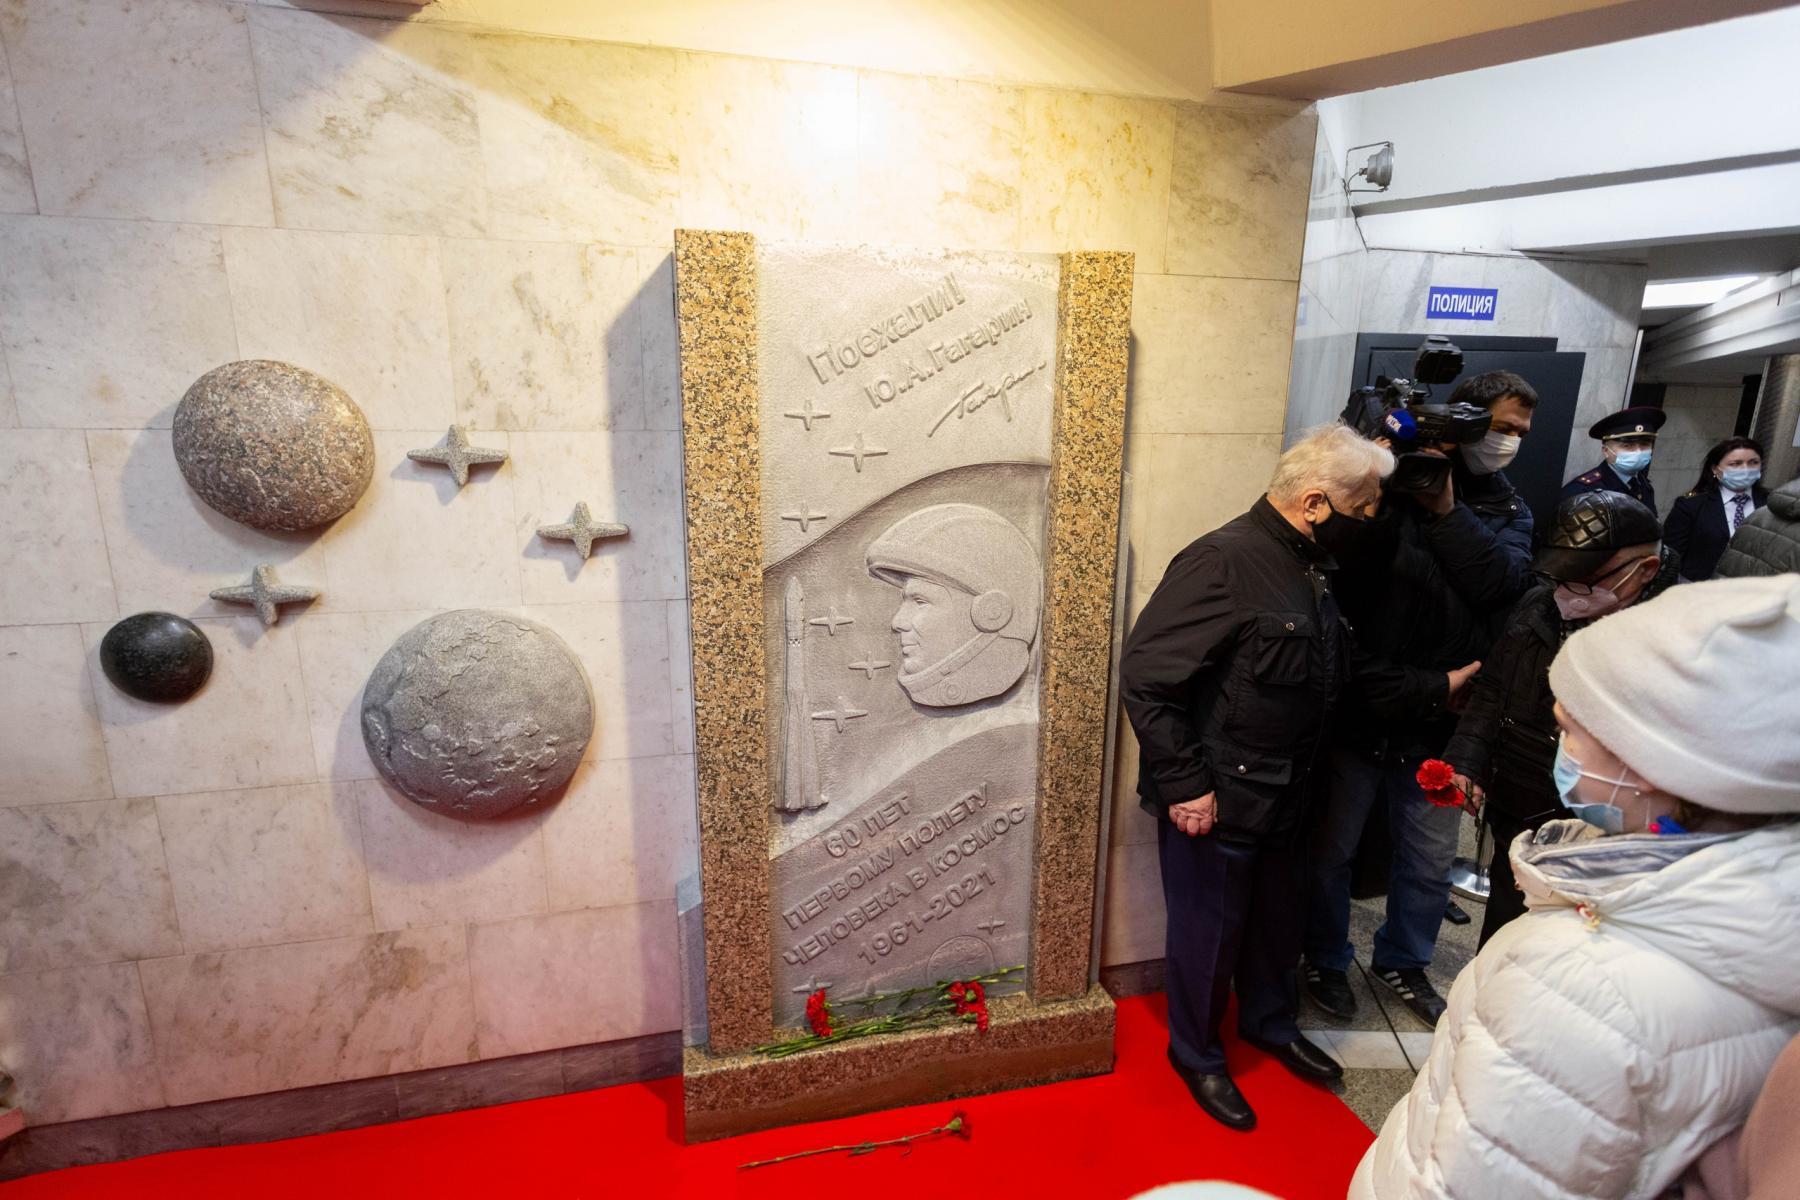 фото Барельеф Юрия Гагарина торжественно открыли в Новосибирске 2